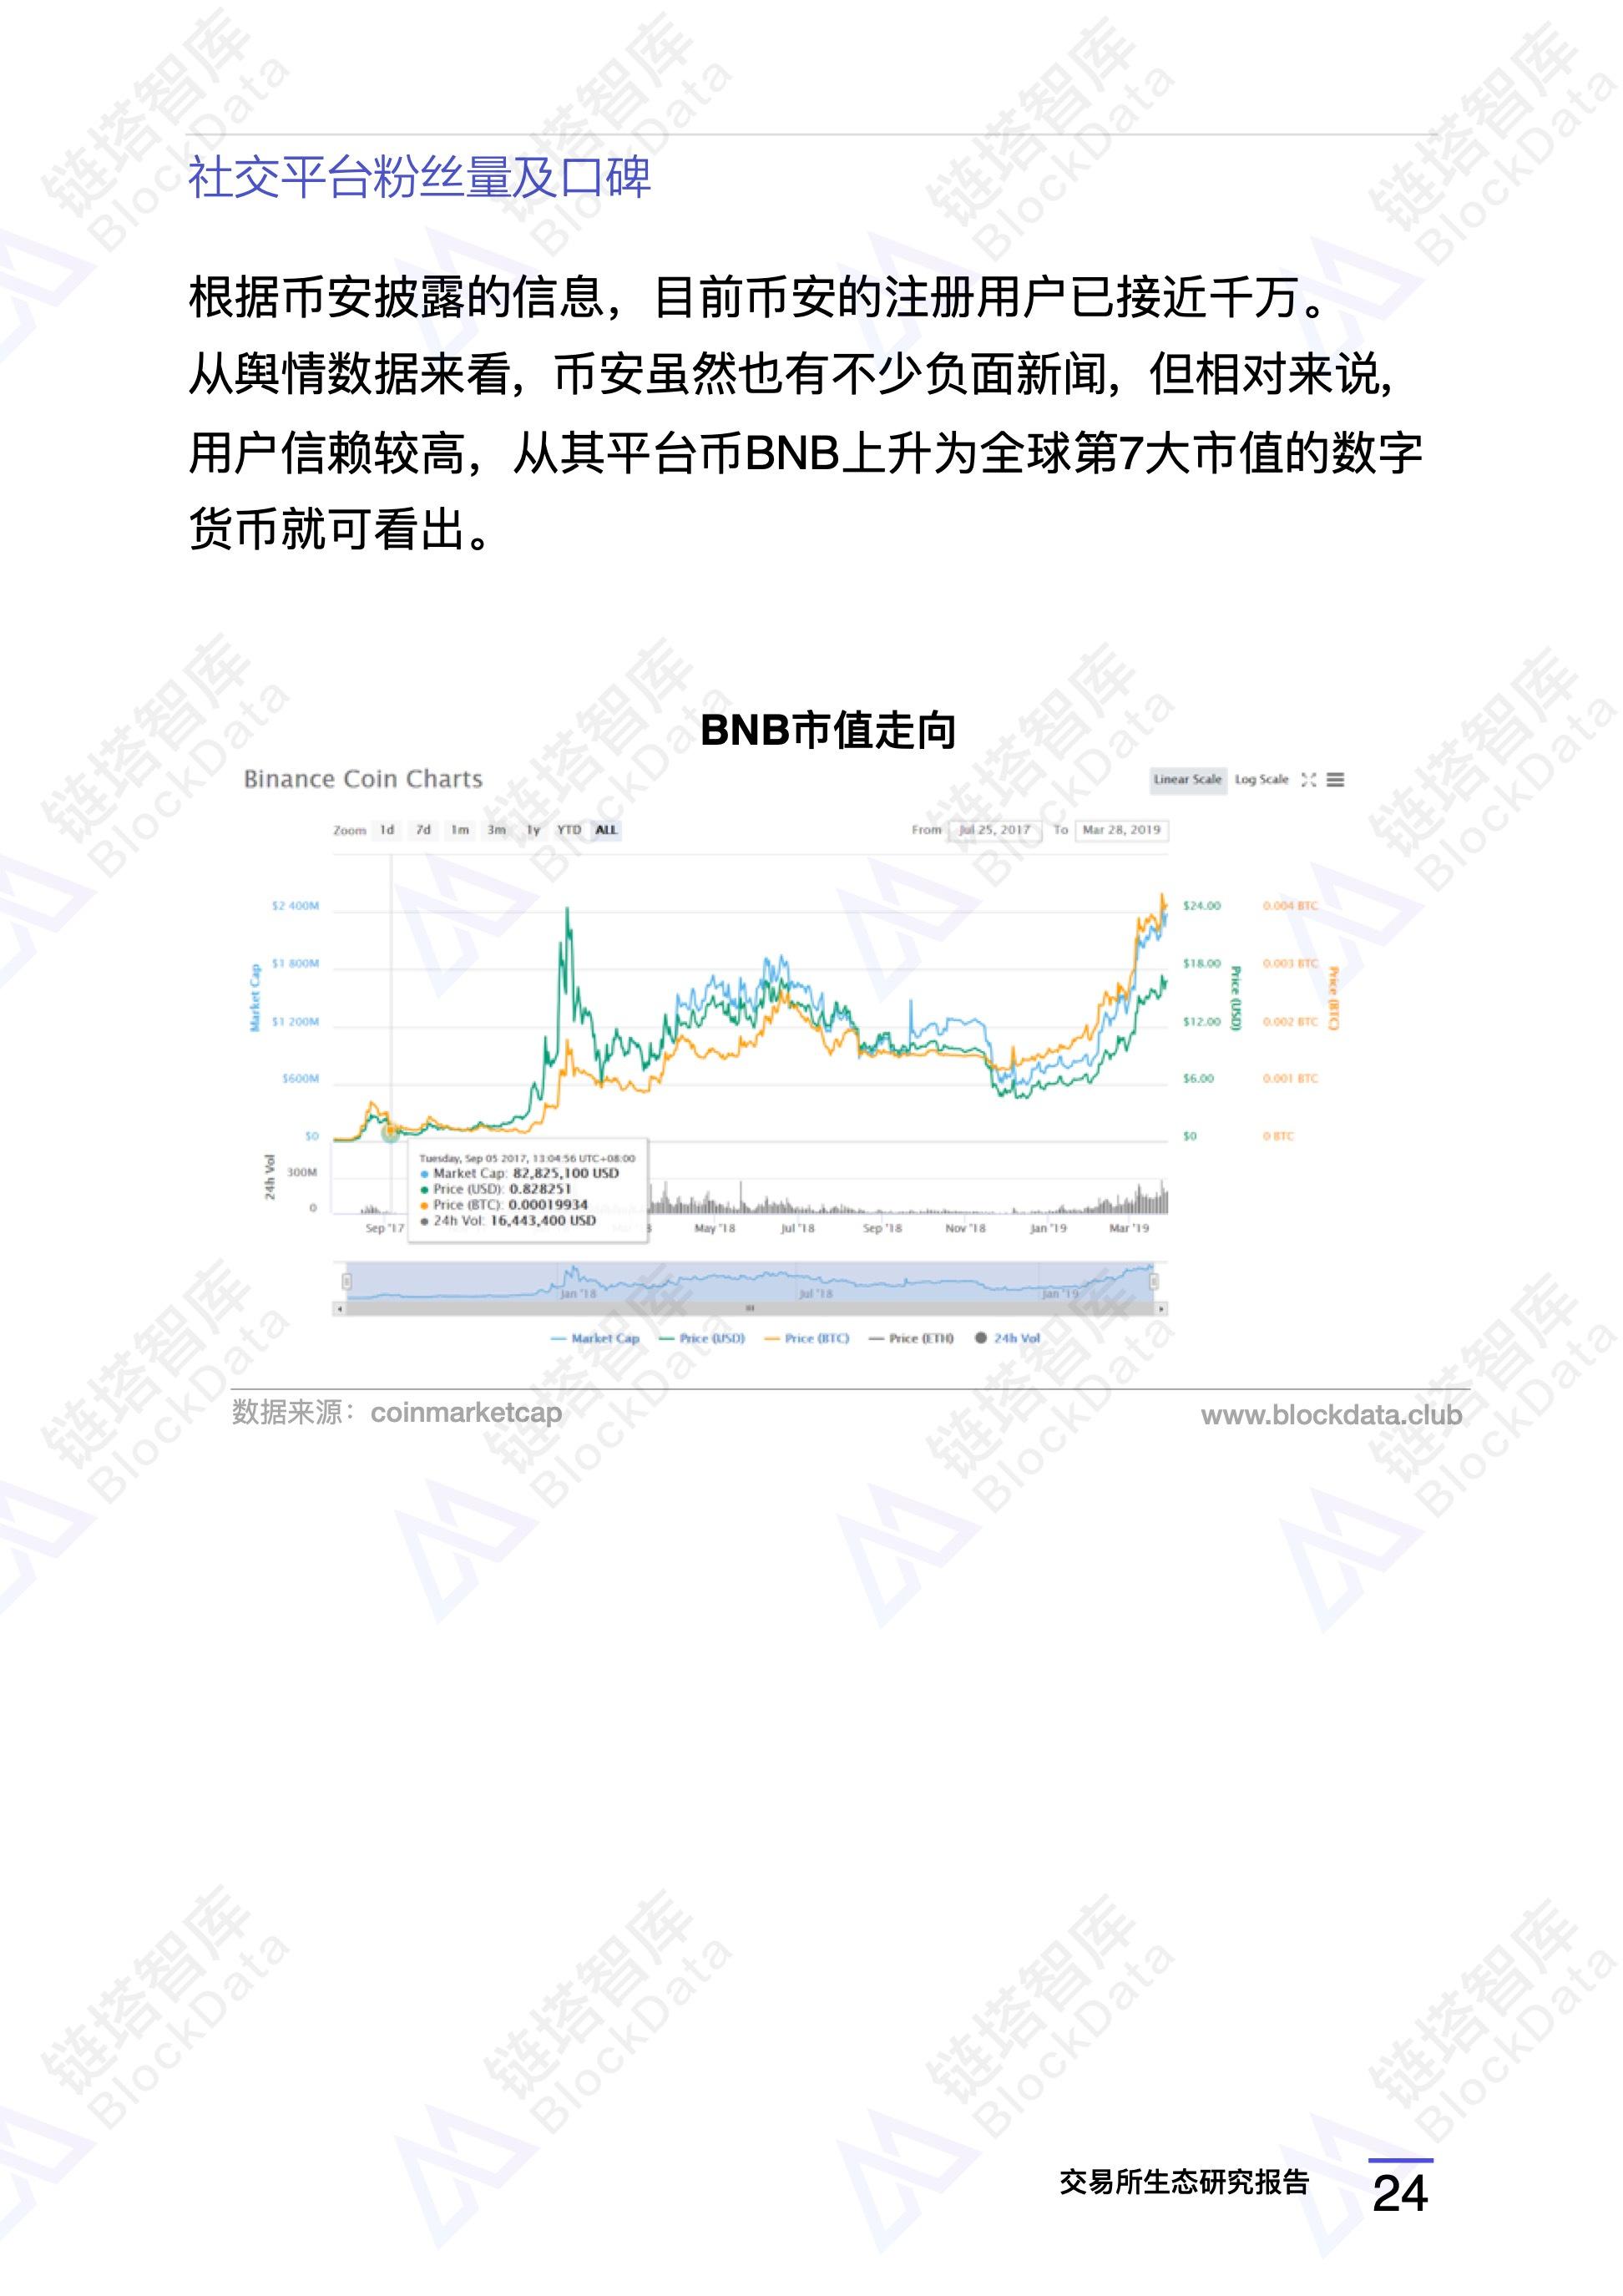 交易所3月生态研究:主流交易所均发力IEO业务 | 链塔智库